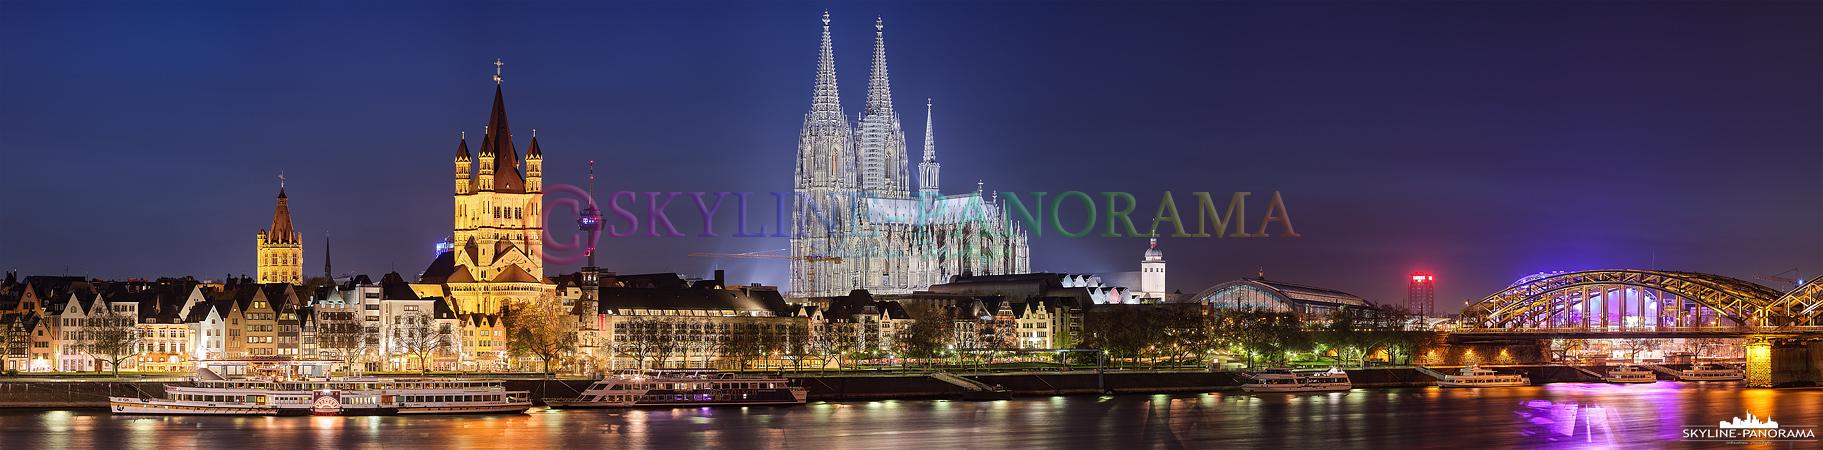 Panorama der Kölner Skyline in der Nacht aufgenommen